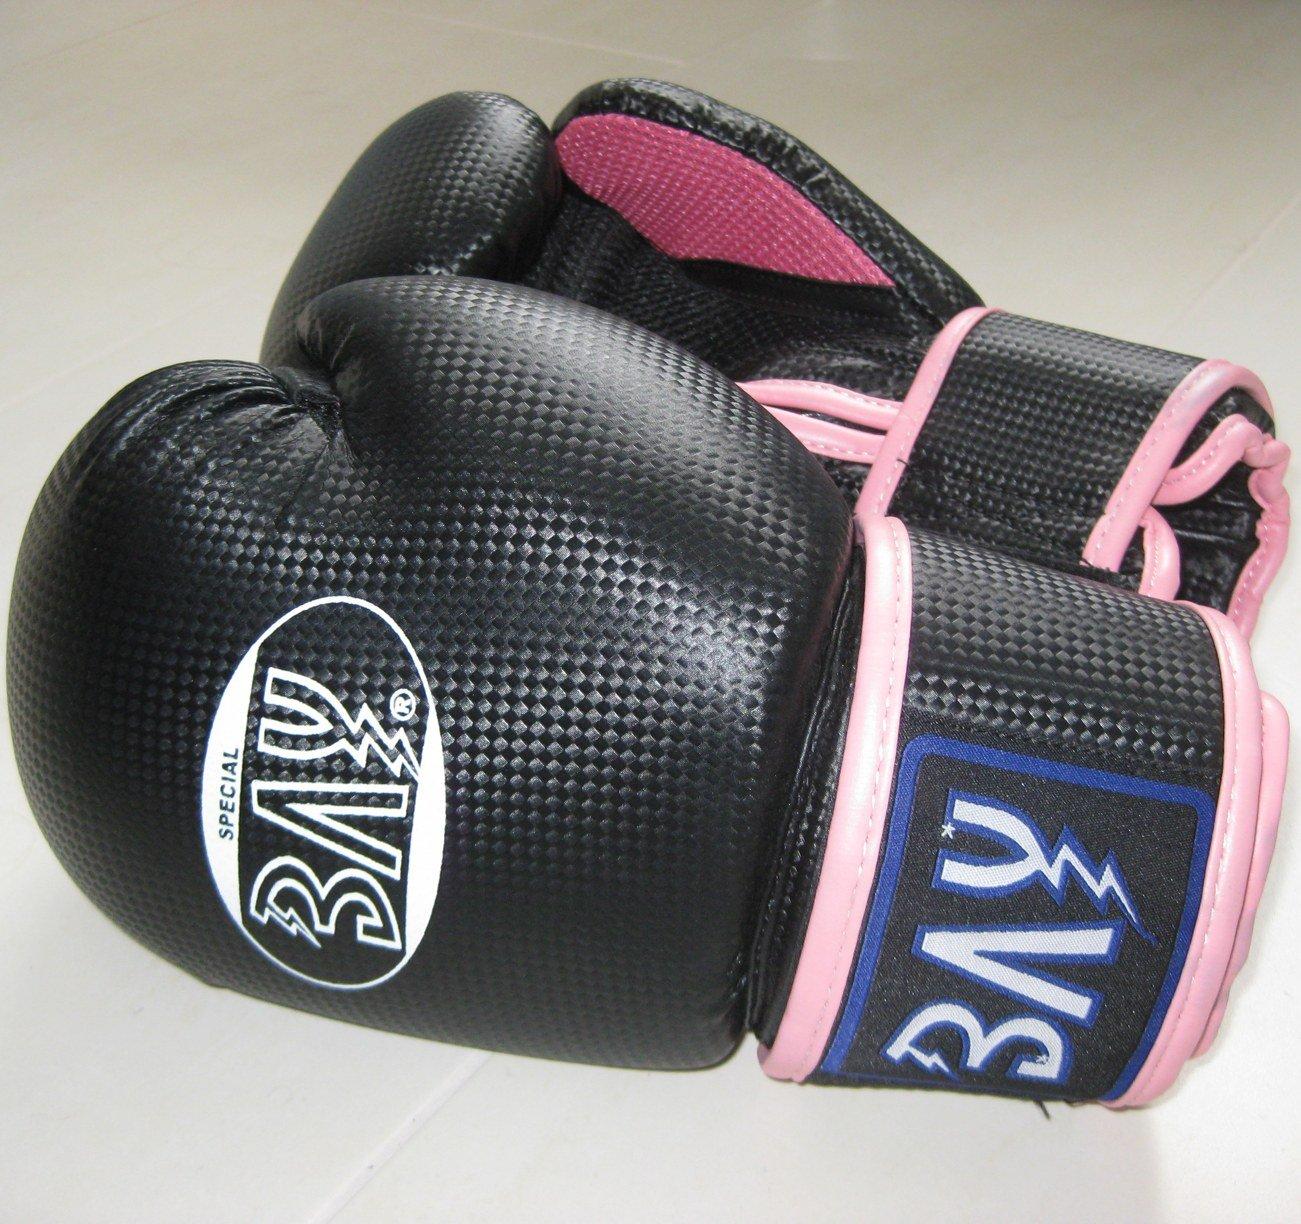 BAY® fresh mesh Boxhandschuhe schwarz pink rosa 12 Unzen mit Netz-Gewebe, Box-Handschuhe, Carbon Look, UZ OZ, PU-Leder, Profi Delux, Kickboxen, Boxen, Thaiboxen, Muay Thai, Frauen Damen Kinder Jugendliche Junioren Mädchen 4260264055062